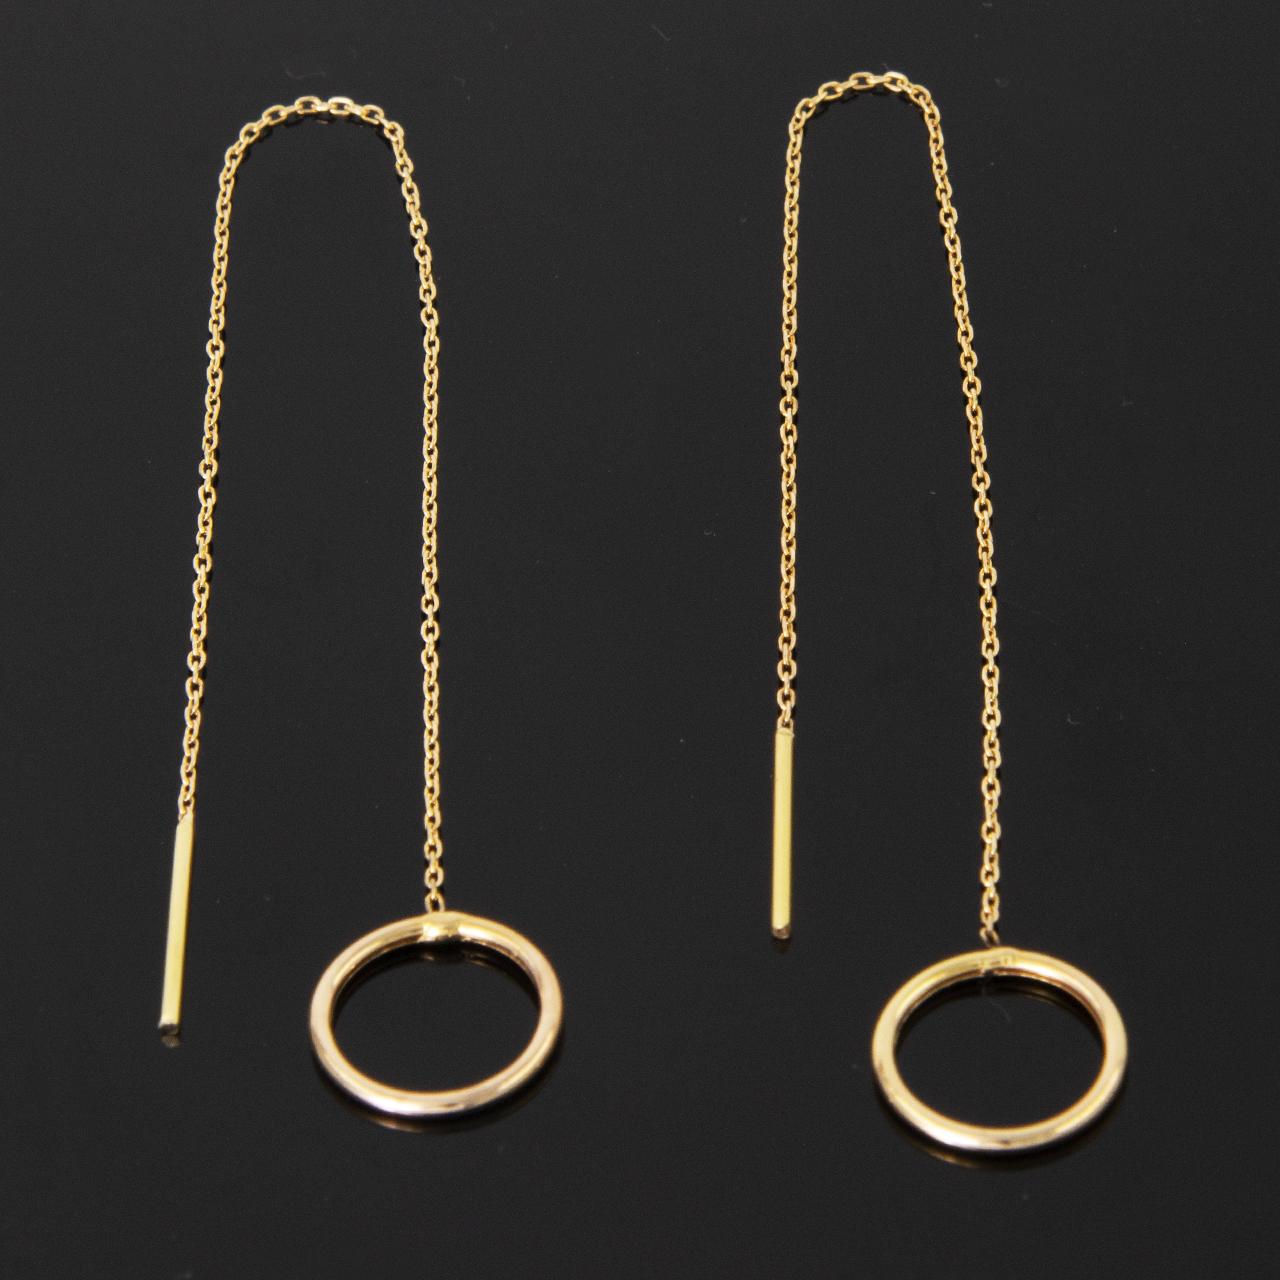 گوشواره طلا ۱۸ عیار زنانه مدل 67092